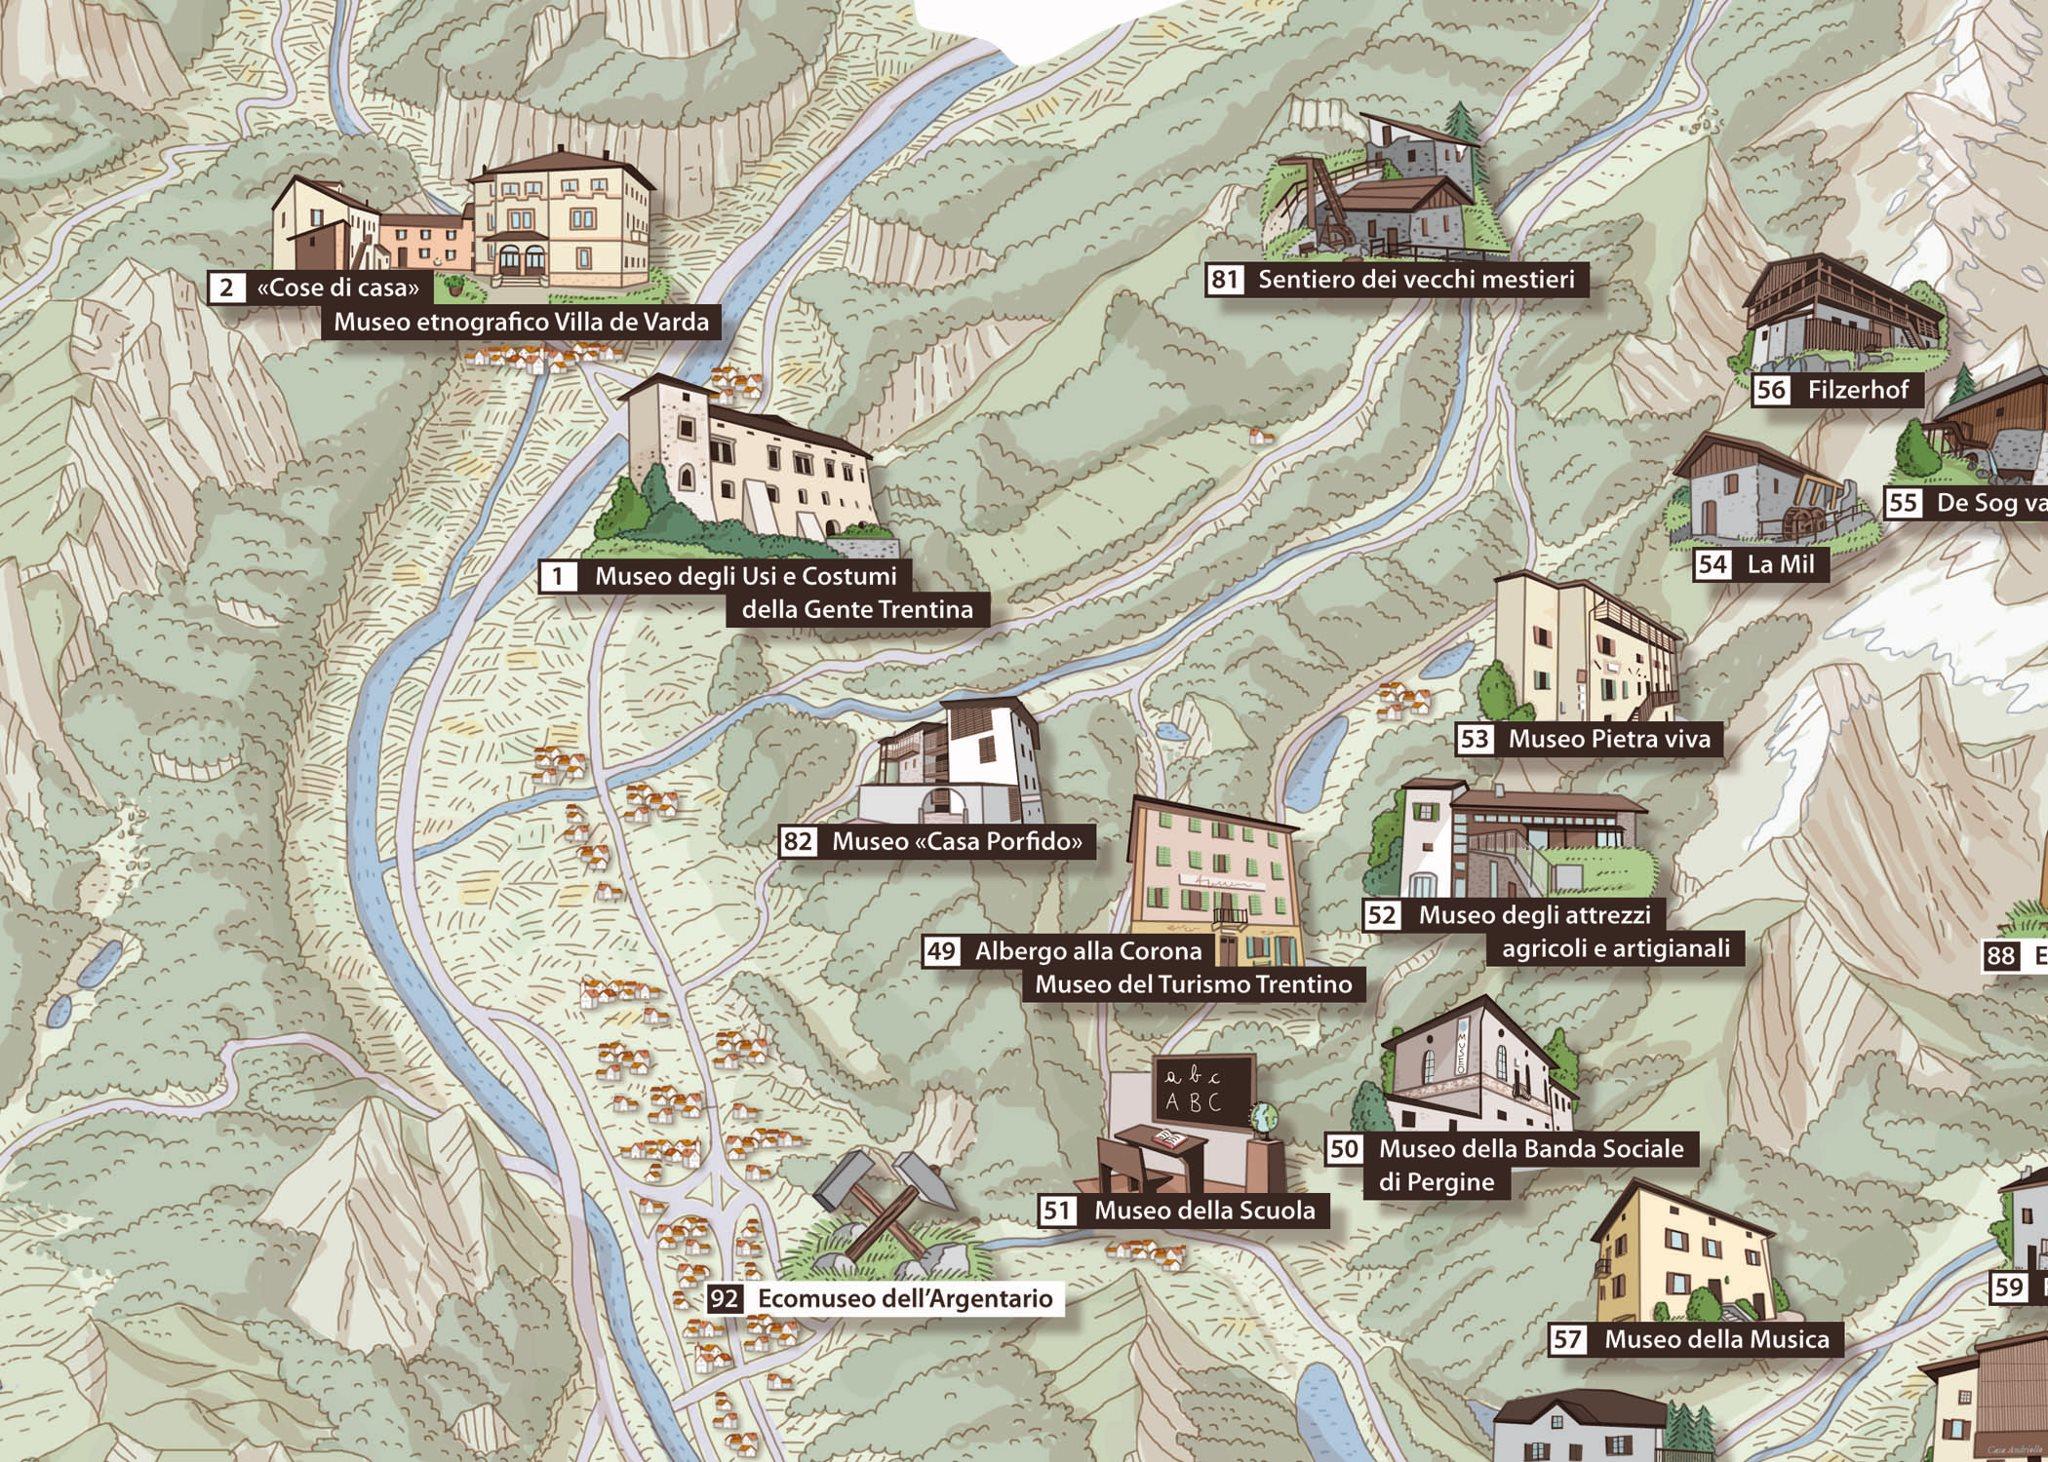 Cartina Trentino.Mappa Del Trentino Illustrata Mediaomnia